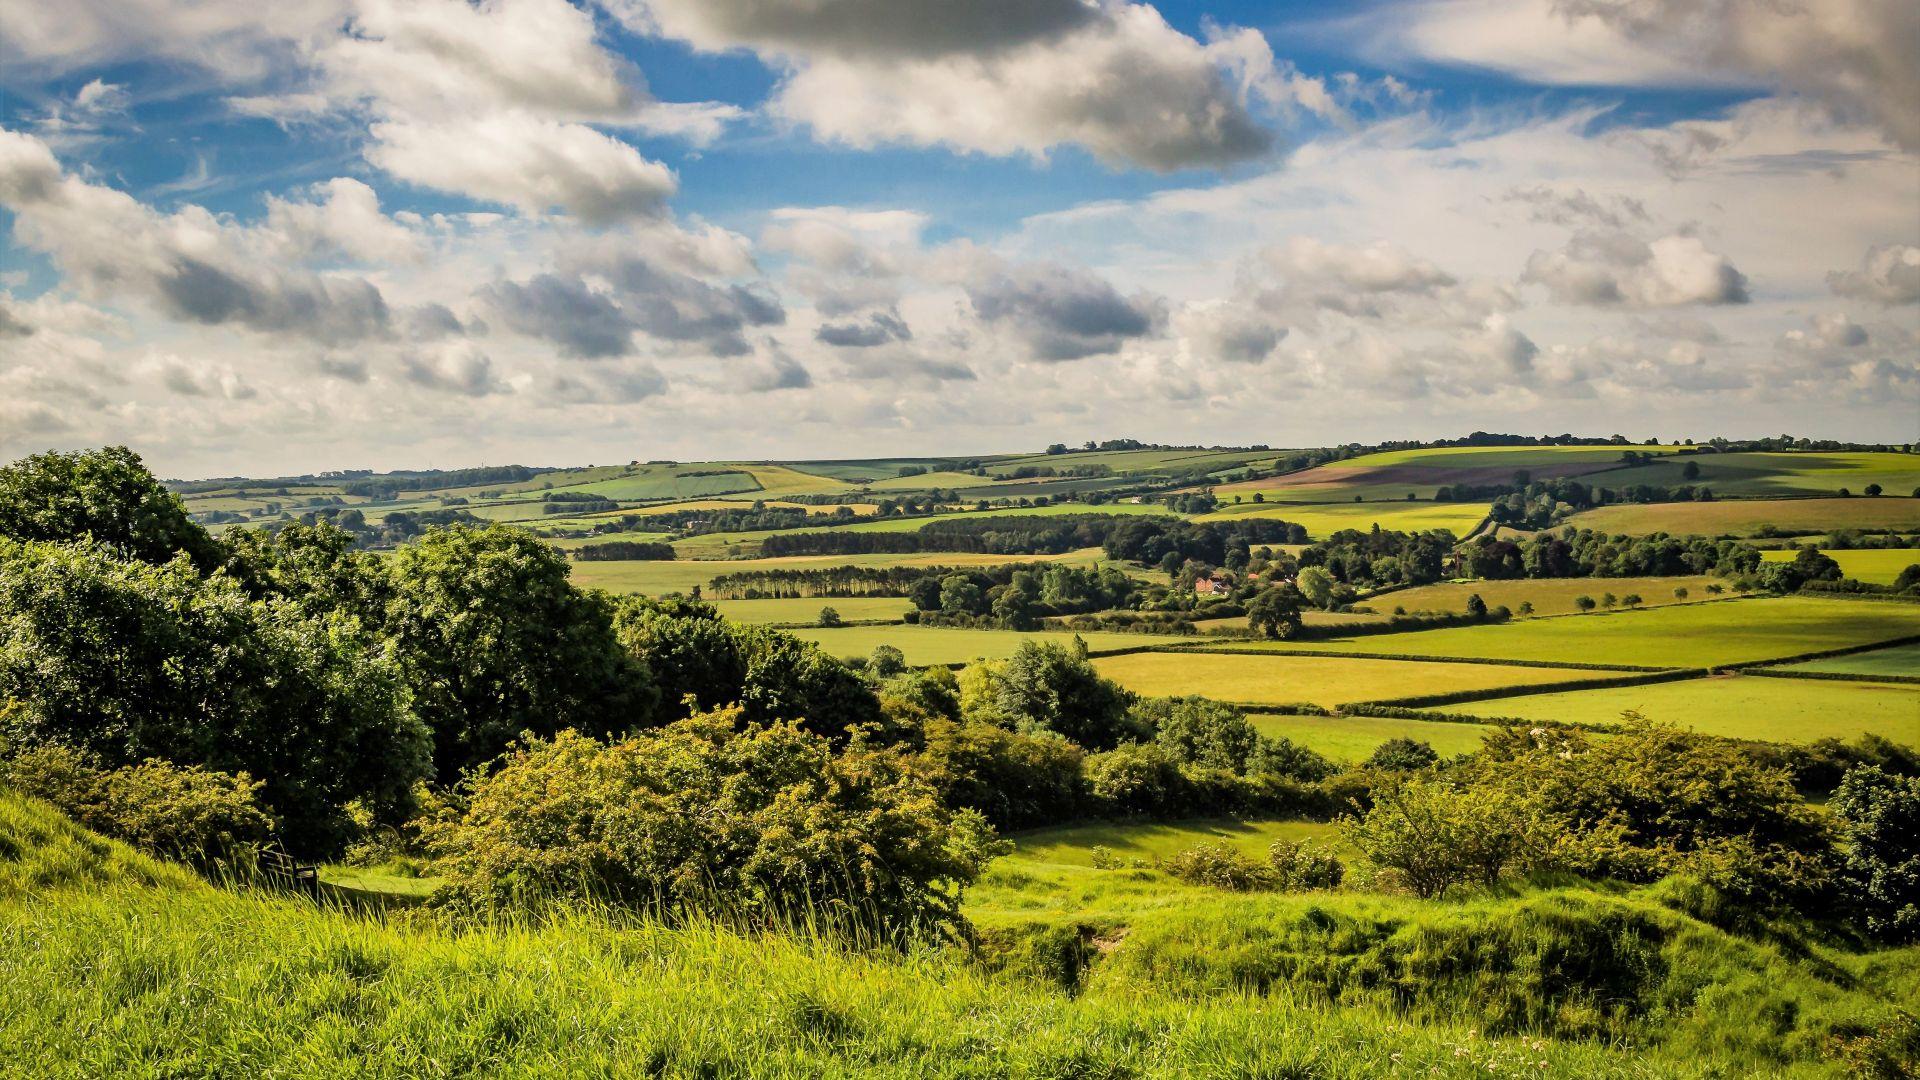 Необятни зелени гледки характеризират Линкълншир